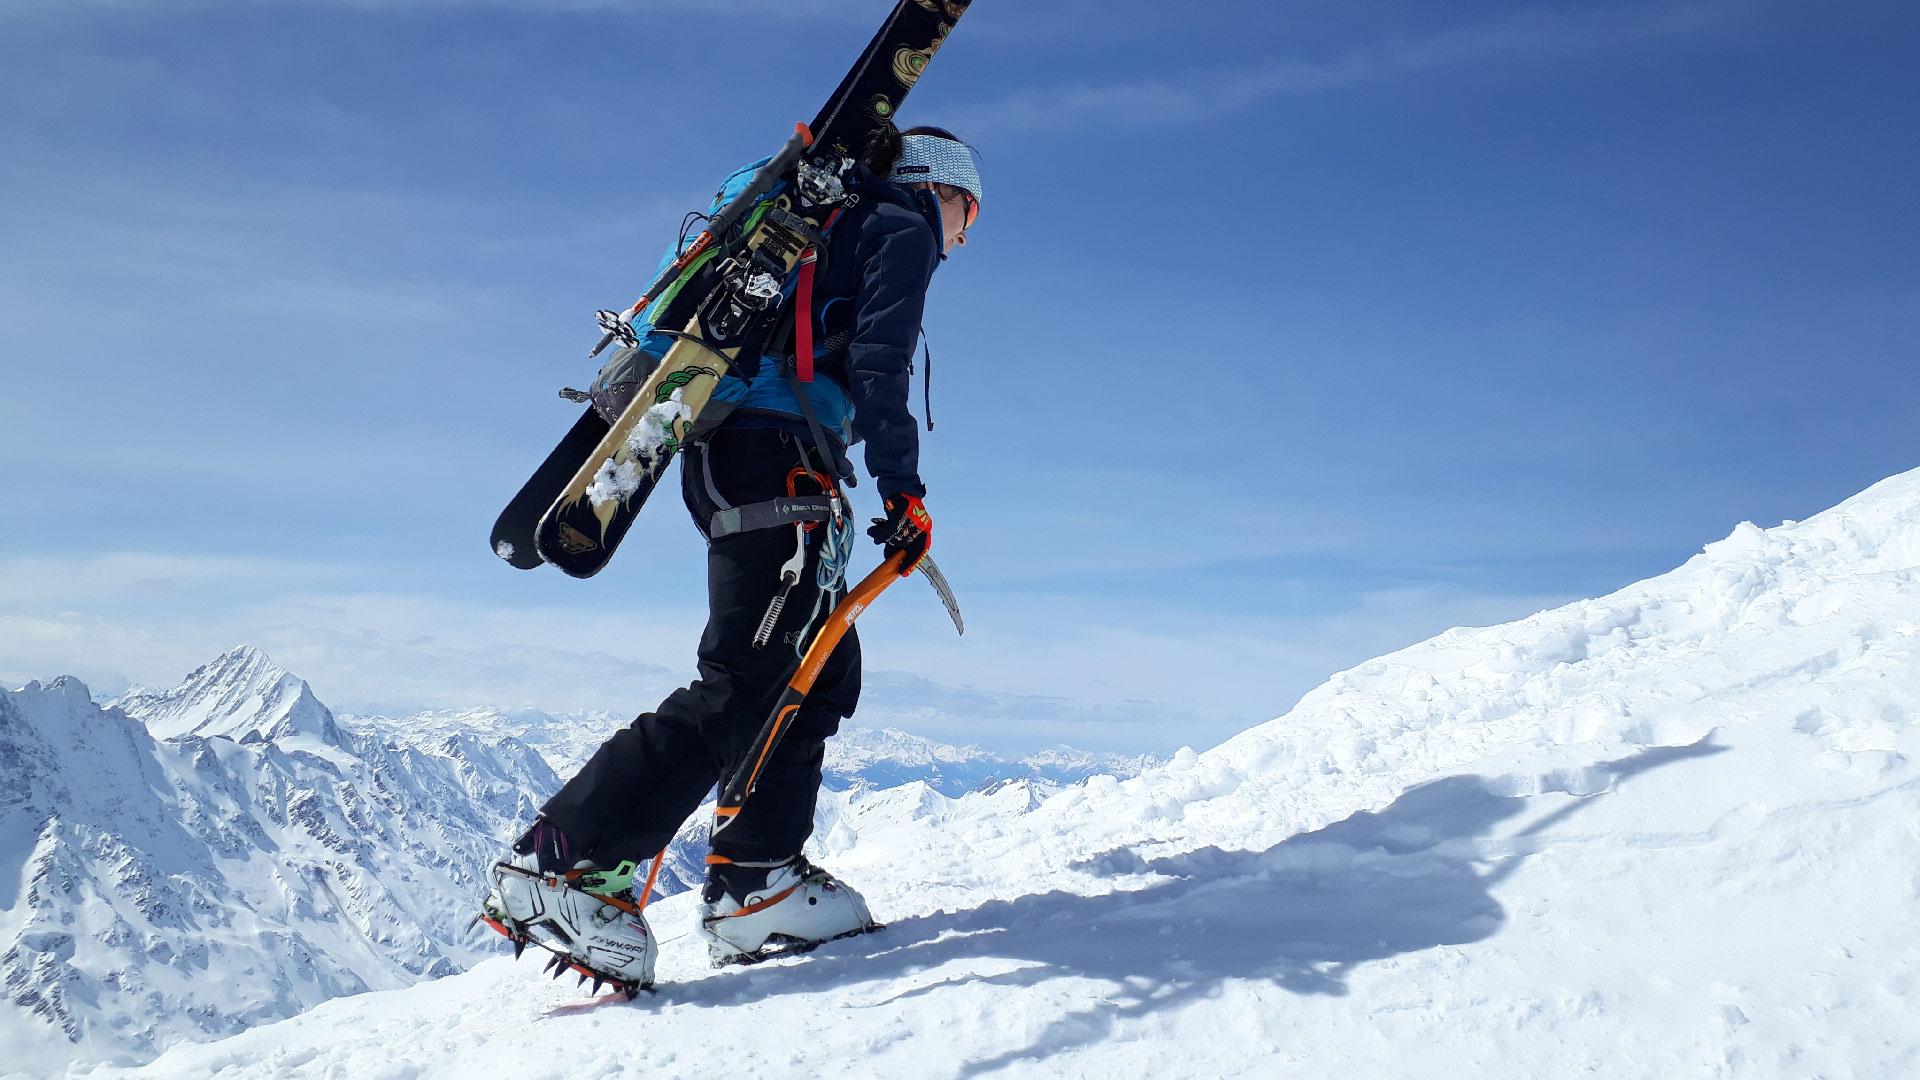 grindelwald-sports-tourenskifahrer-aufstieg-winter-steigeisen